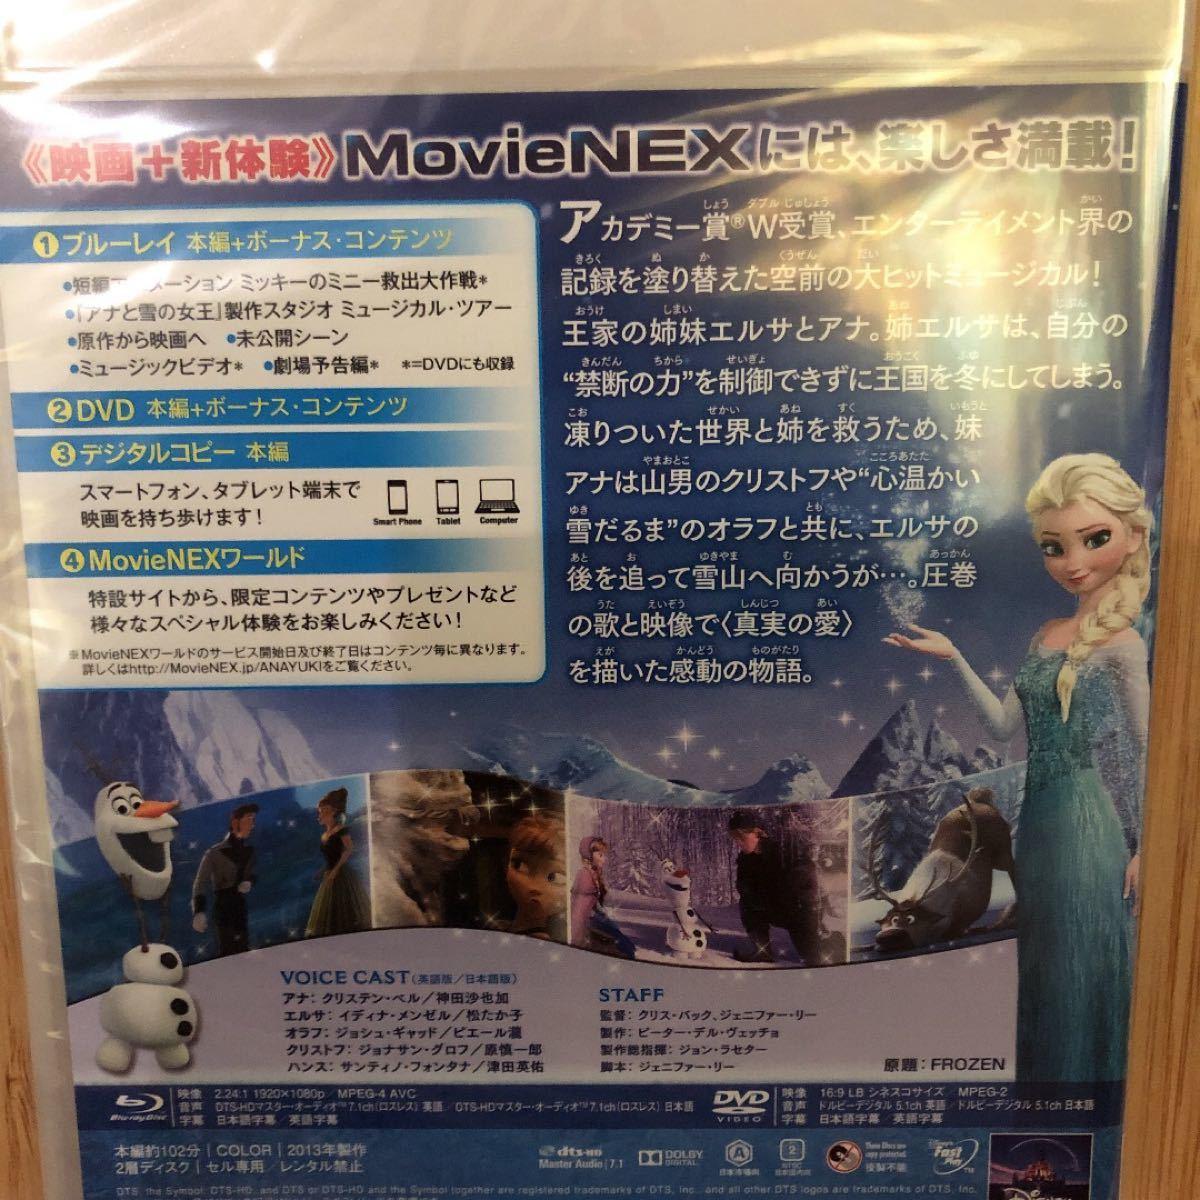 新品 アナと雪の女王 MovieNEX('13米)〈2枚組〉初回限定版  Blu-ray DVD